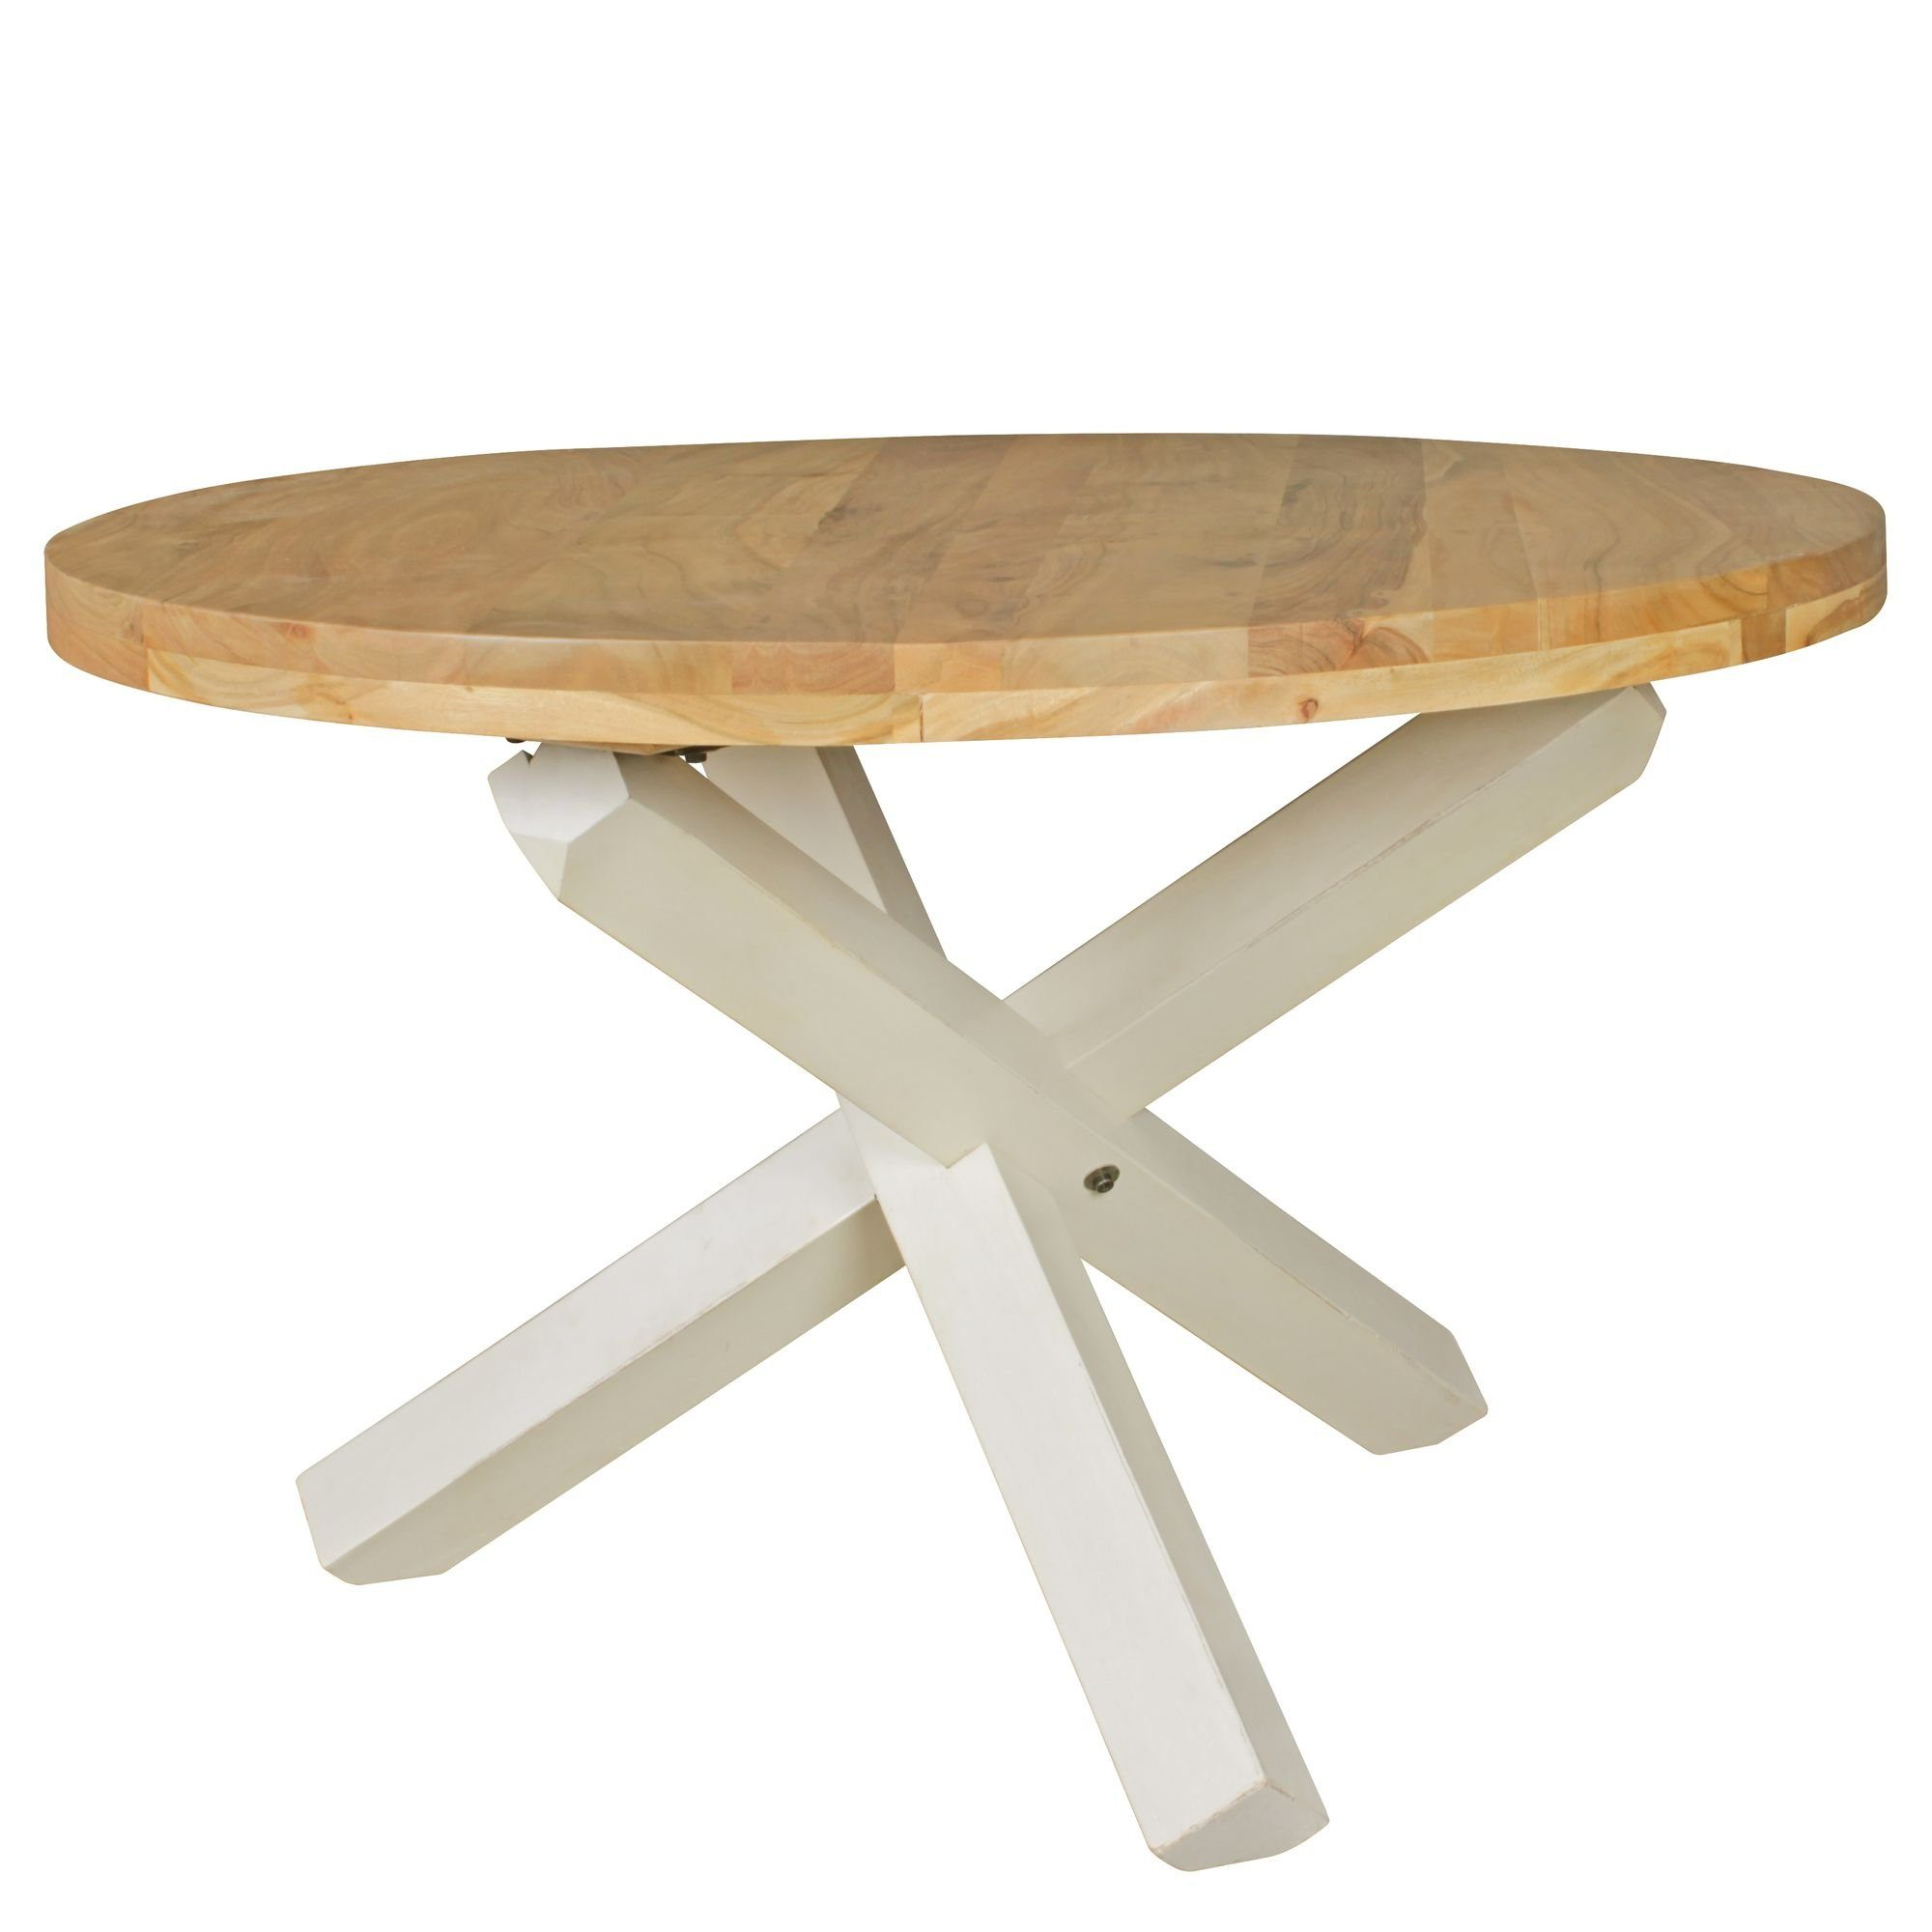 Design Esszimmertisch BOHA rund Ø 120 cm x 75 cm Akazie Massiv Holz   Landhaus Esstisch 4 Personen   Küchentisch Tisch für Esszimmer braun